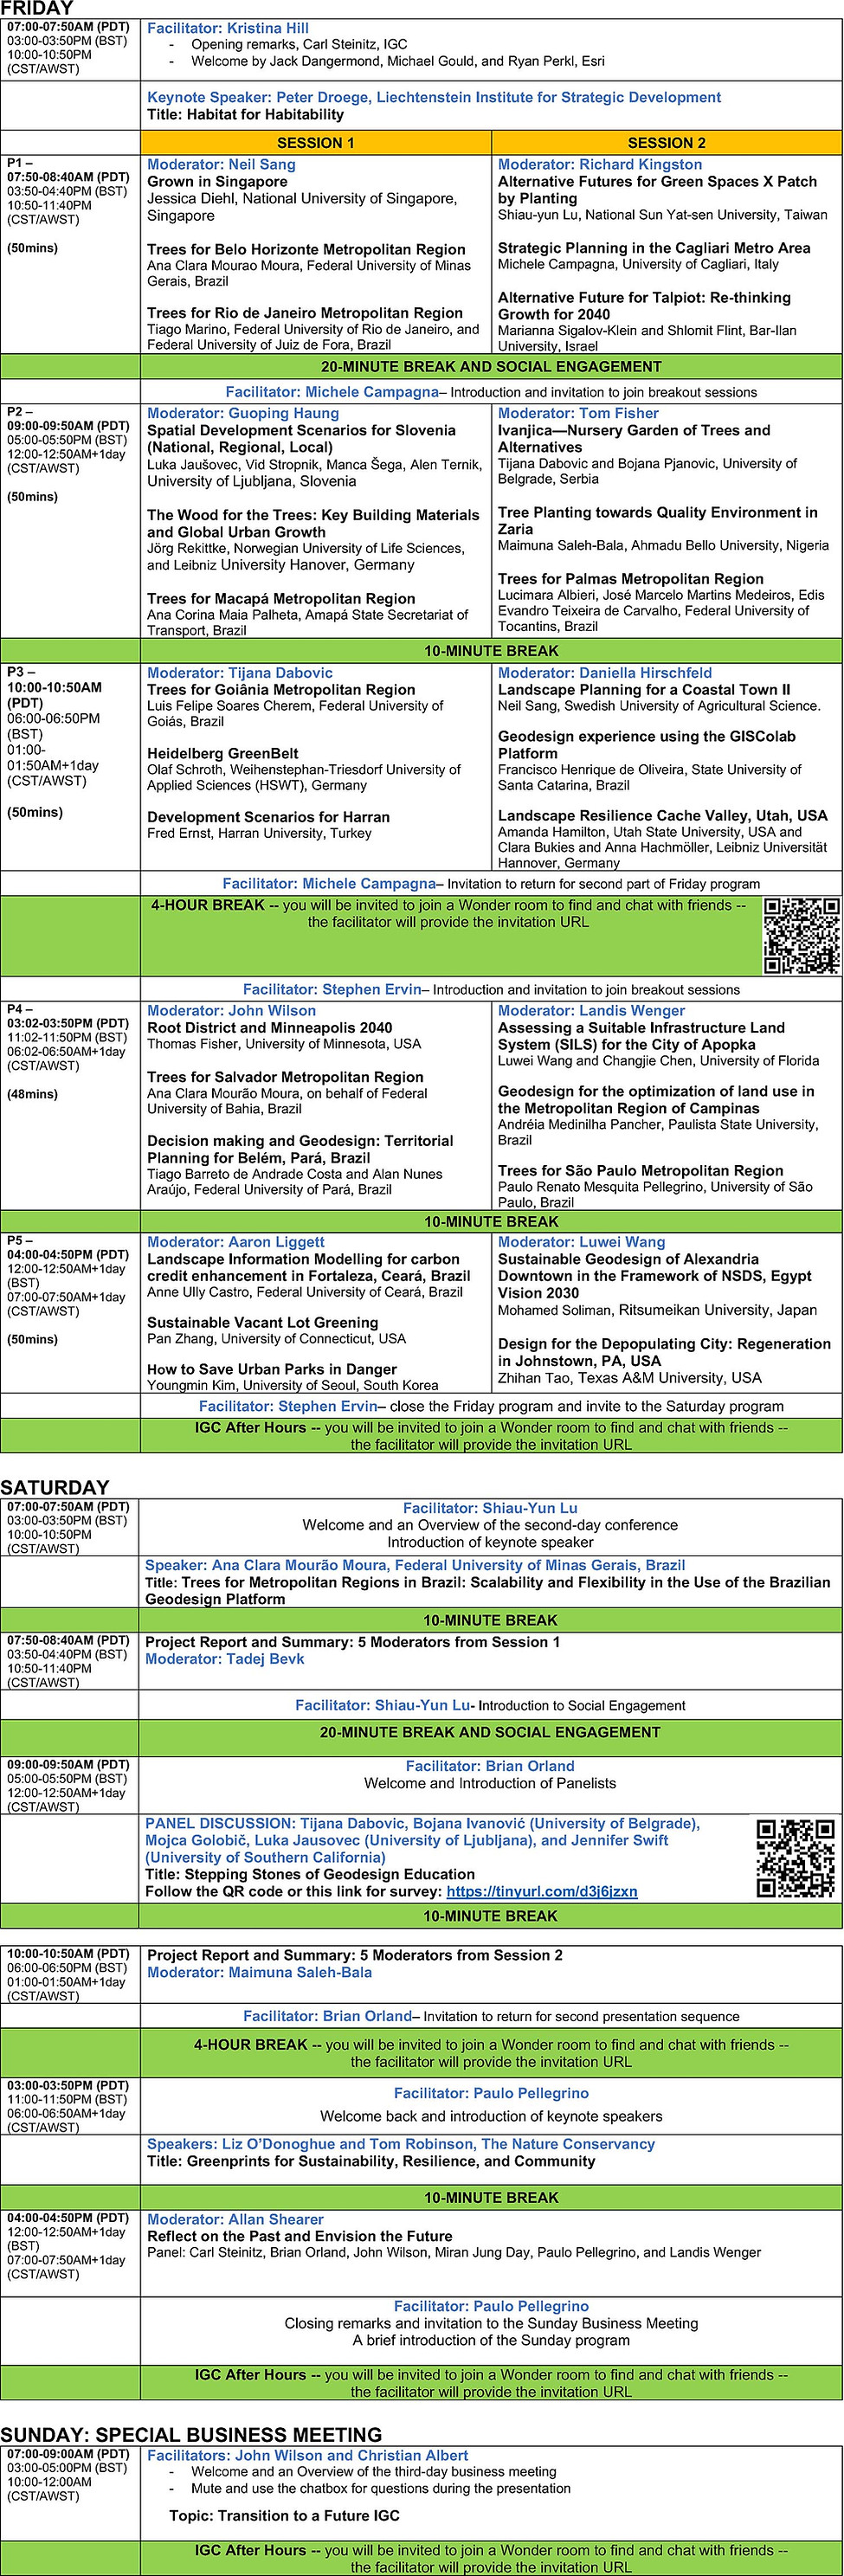 IGC_Presentation_Schedule_Final_17Jun21_All.jpg